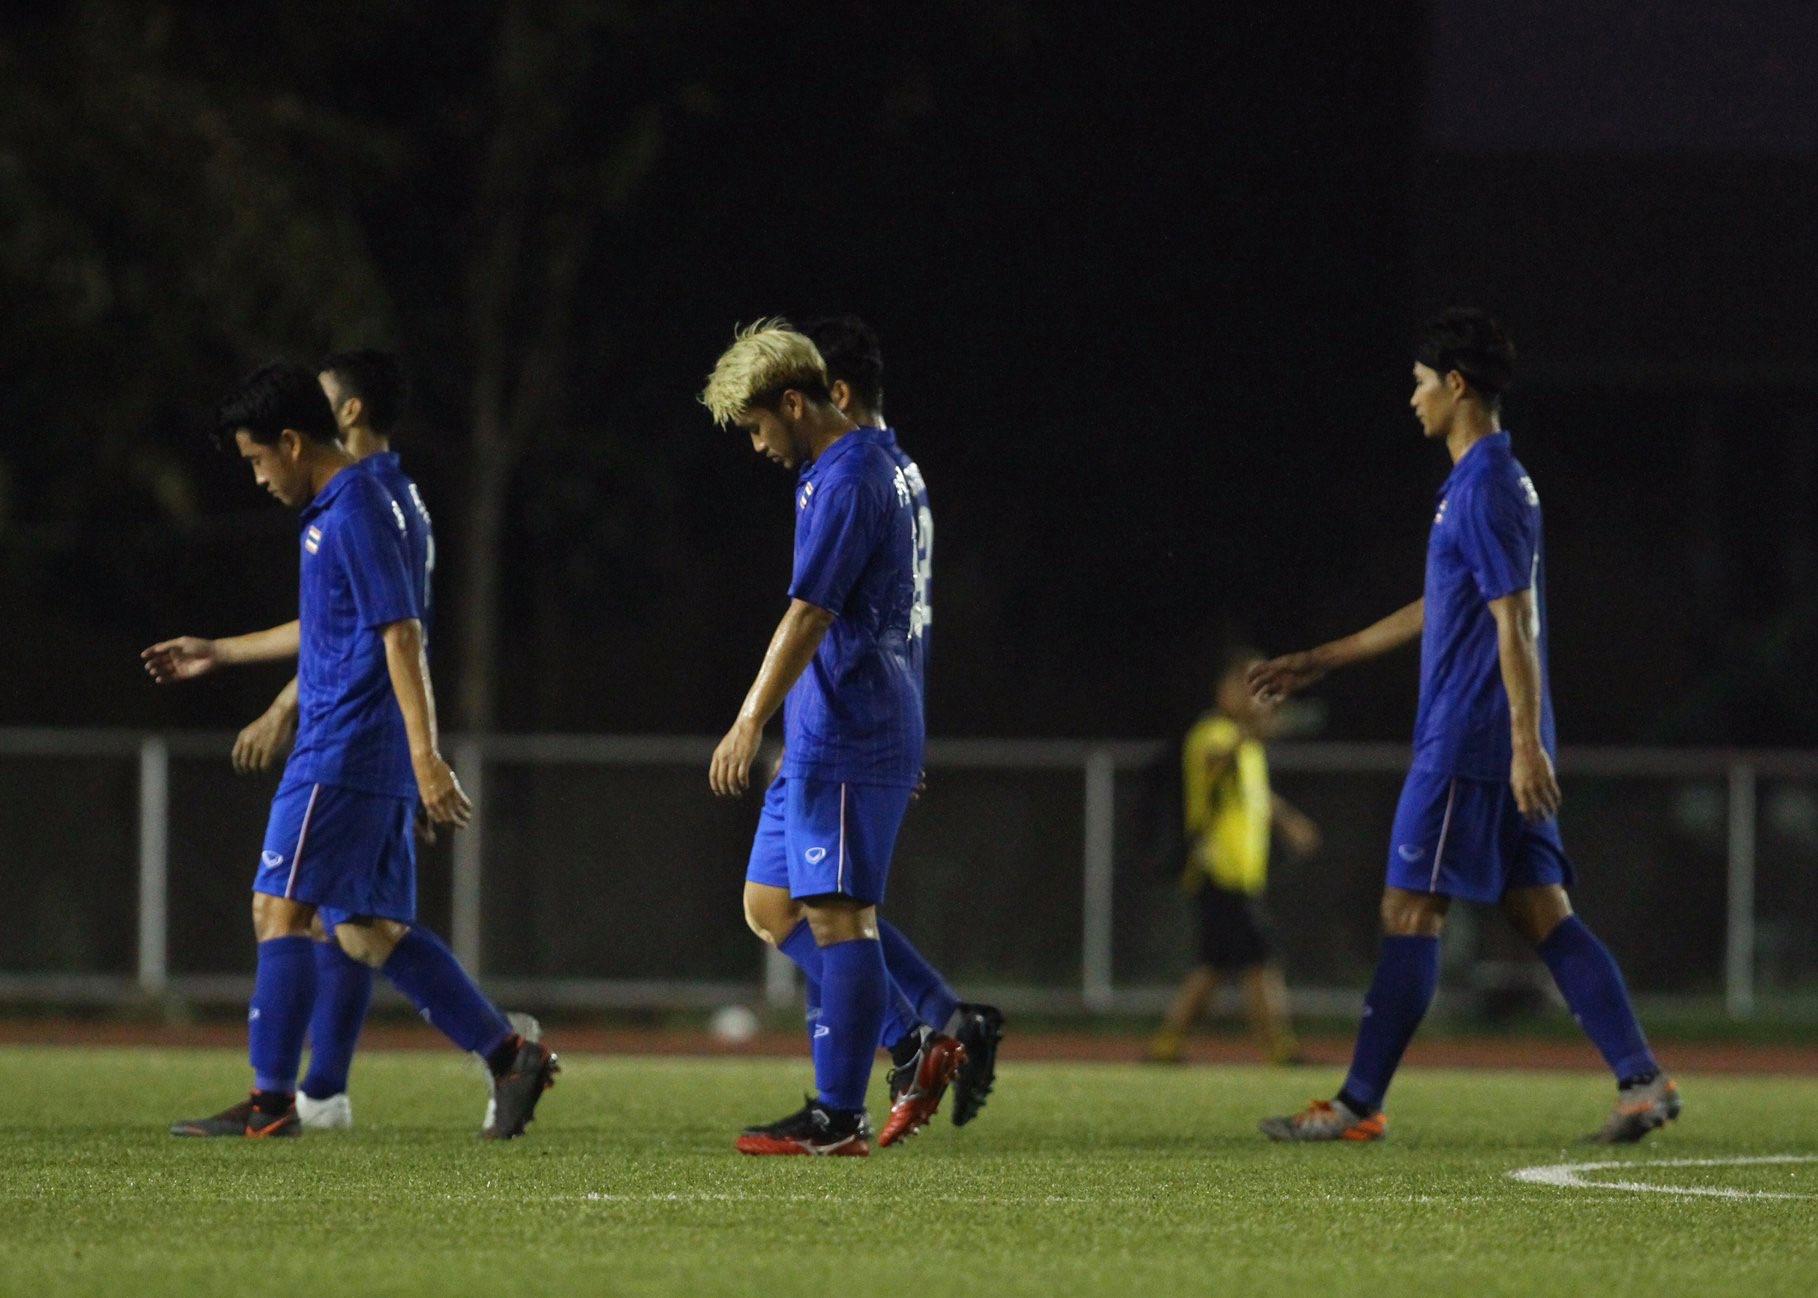 Bị Việt Nam cho về nhà sớm, cầu thủ Thái Lan suy sụp, thất thần, xấu hổ đến mức không dám nhìn các cổ động viên - Ảnh 5.